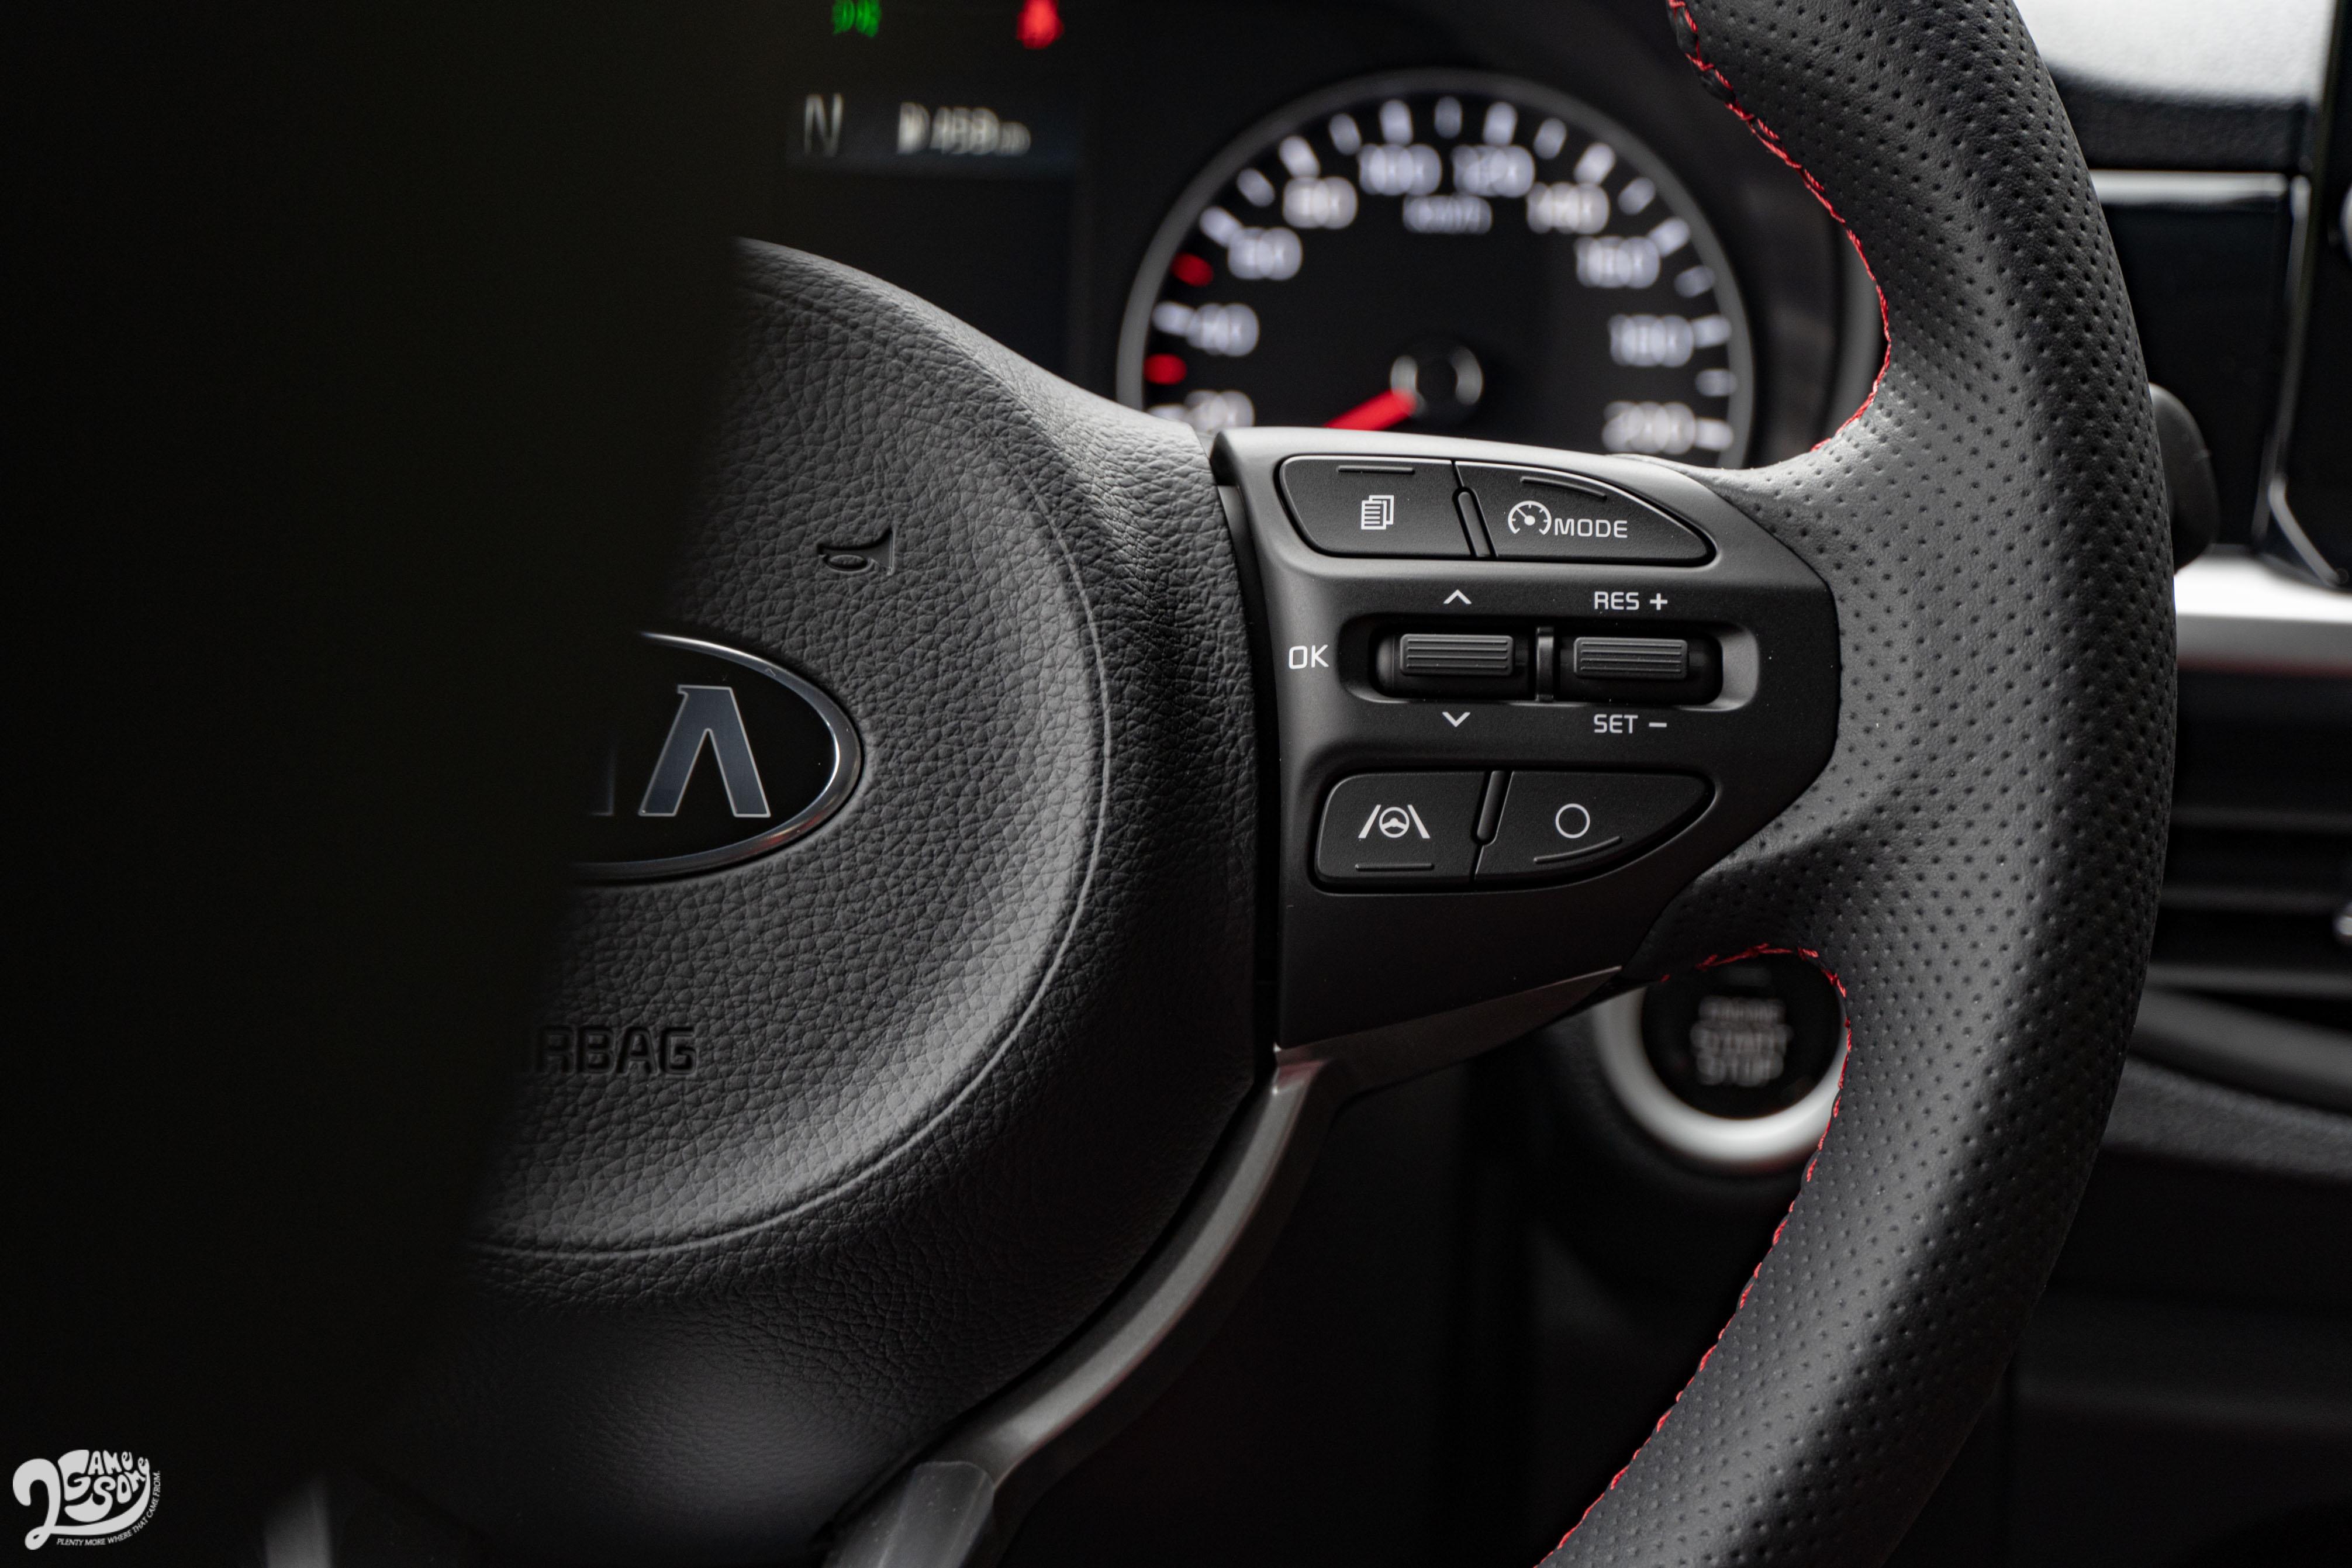 小改款 Picanto GT-Line 方向盤上多了搭配車道維持功能的智慧駕駛按鍵。